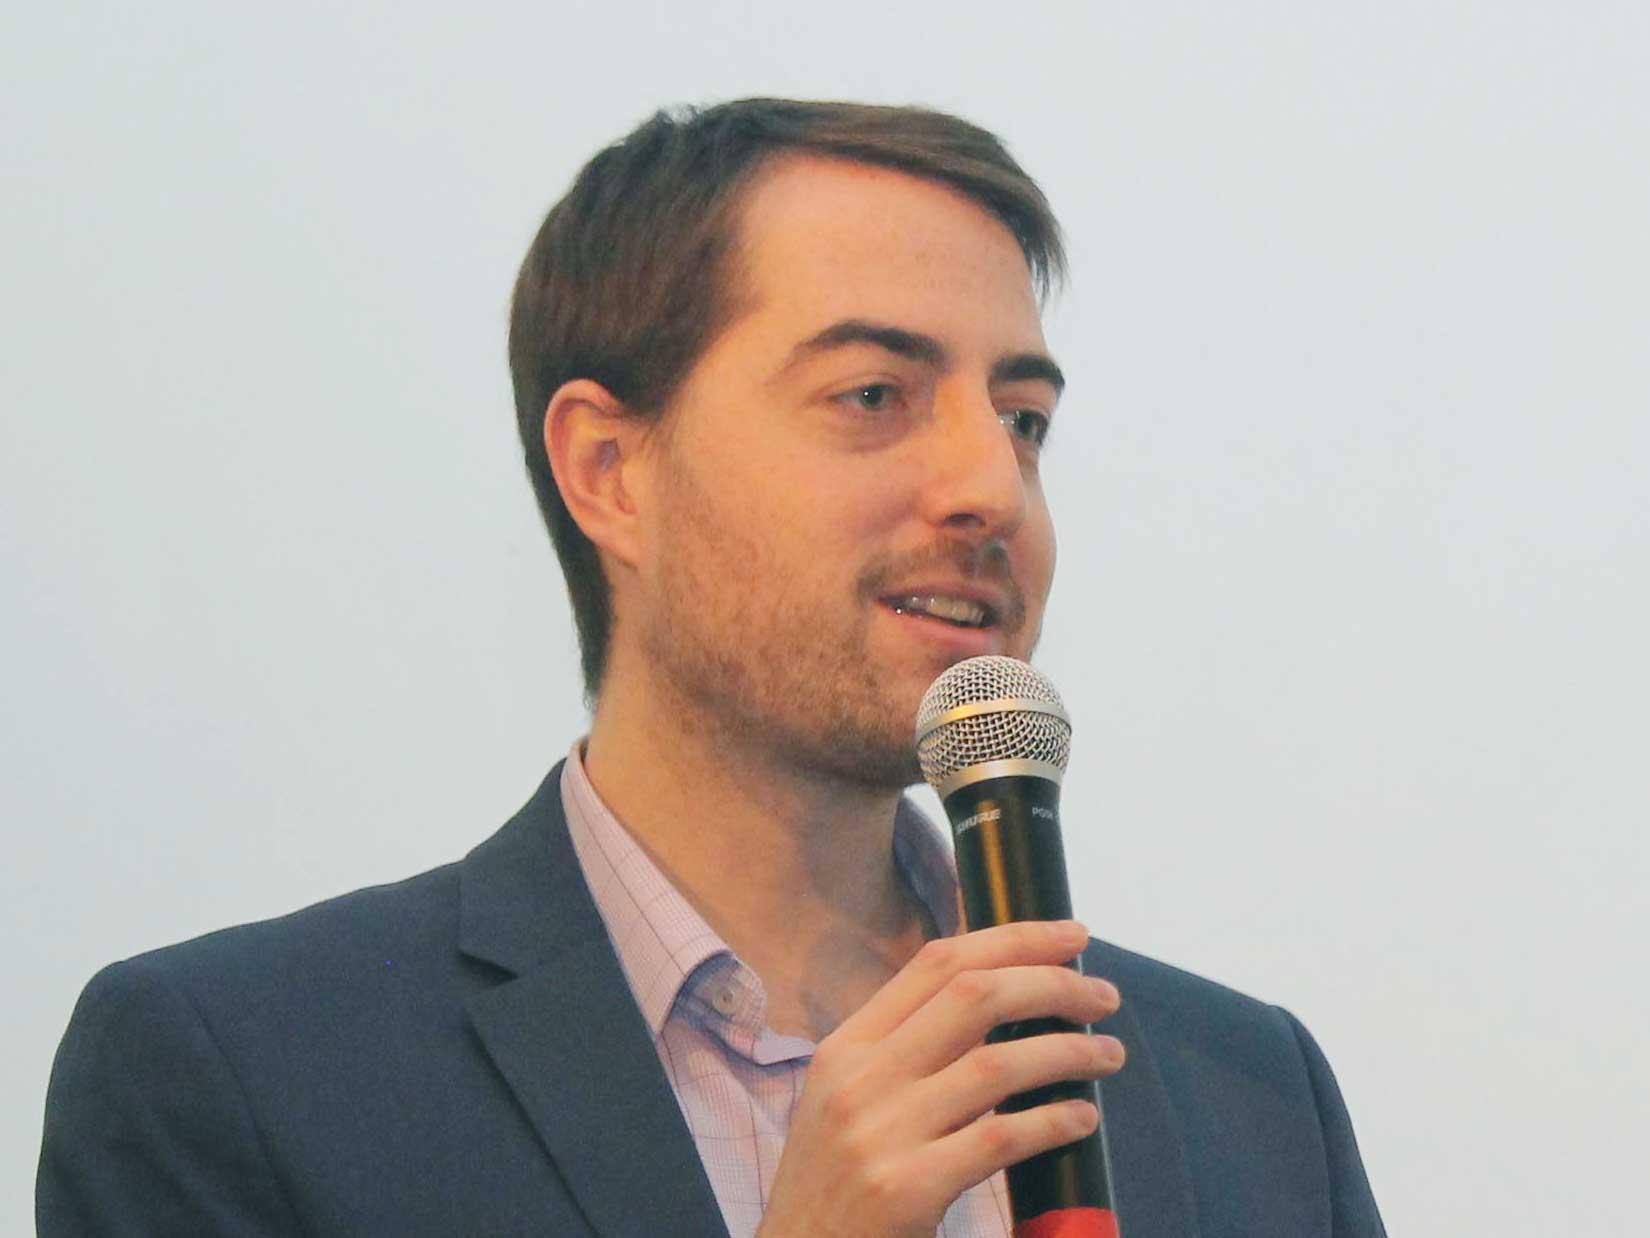 Aaron Lewin